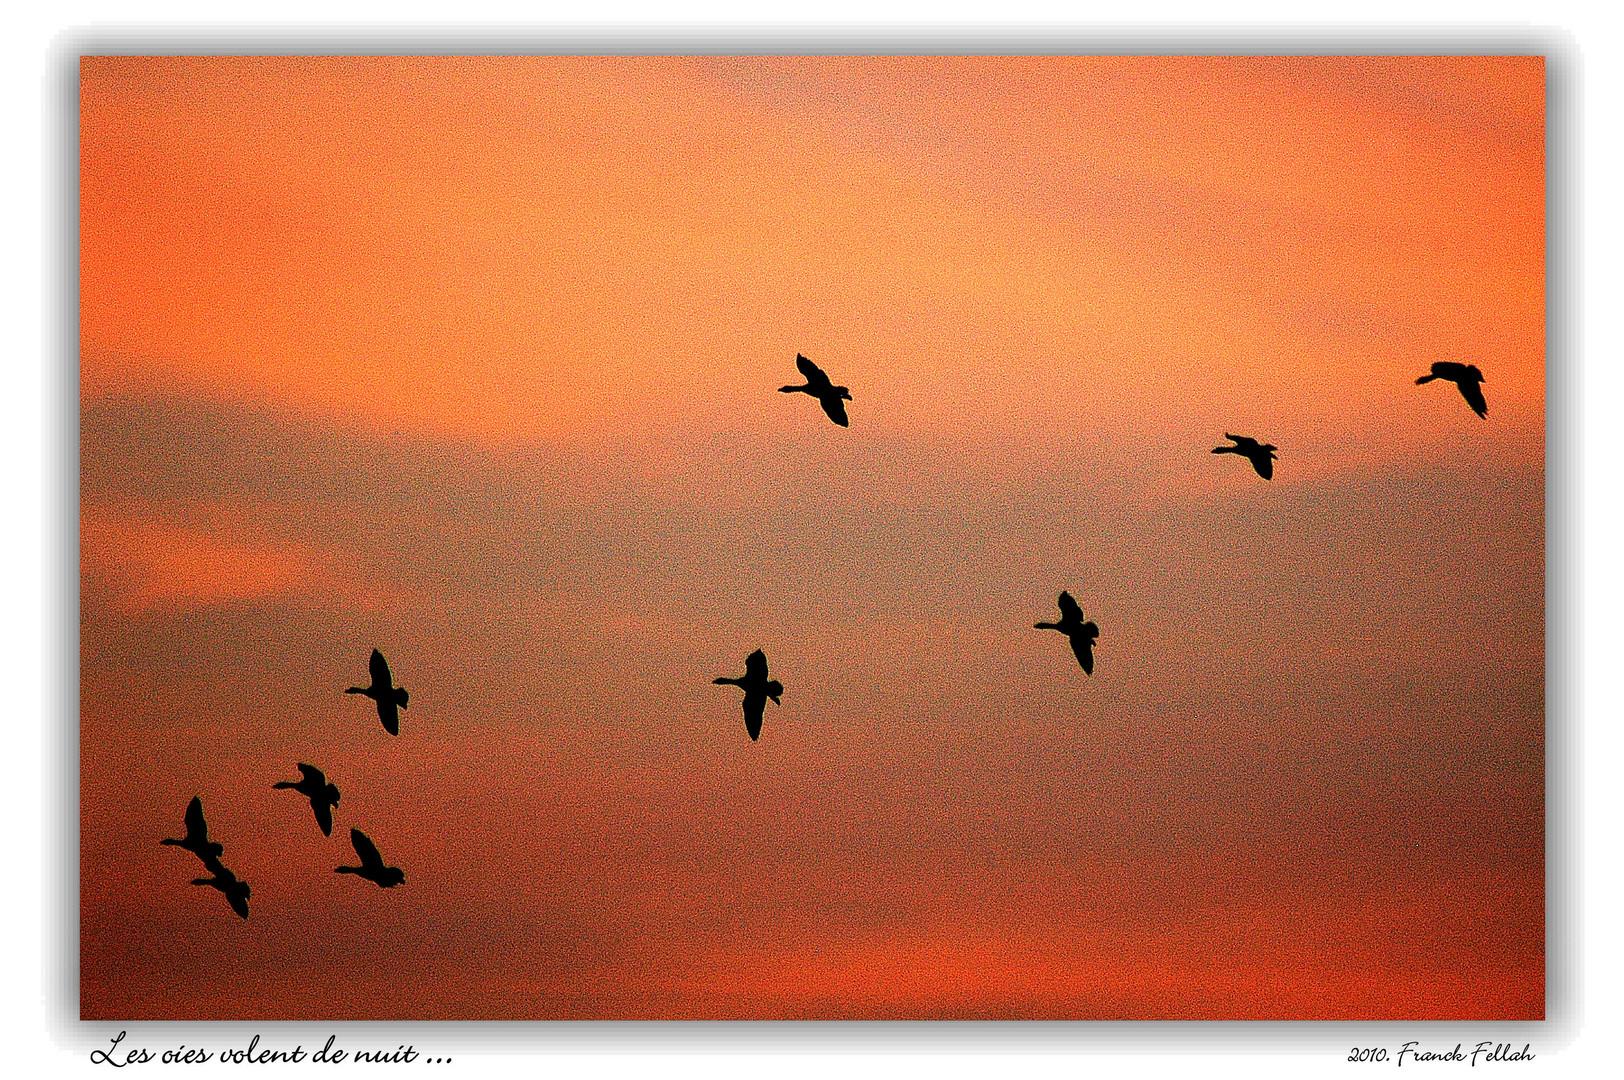 Les oies volent de nuit...